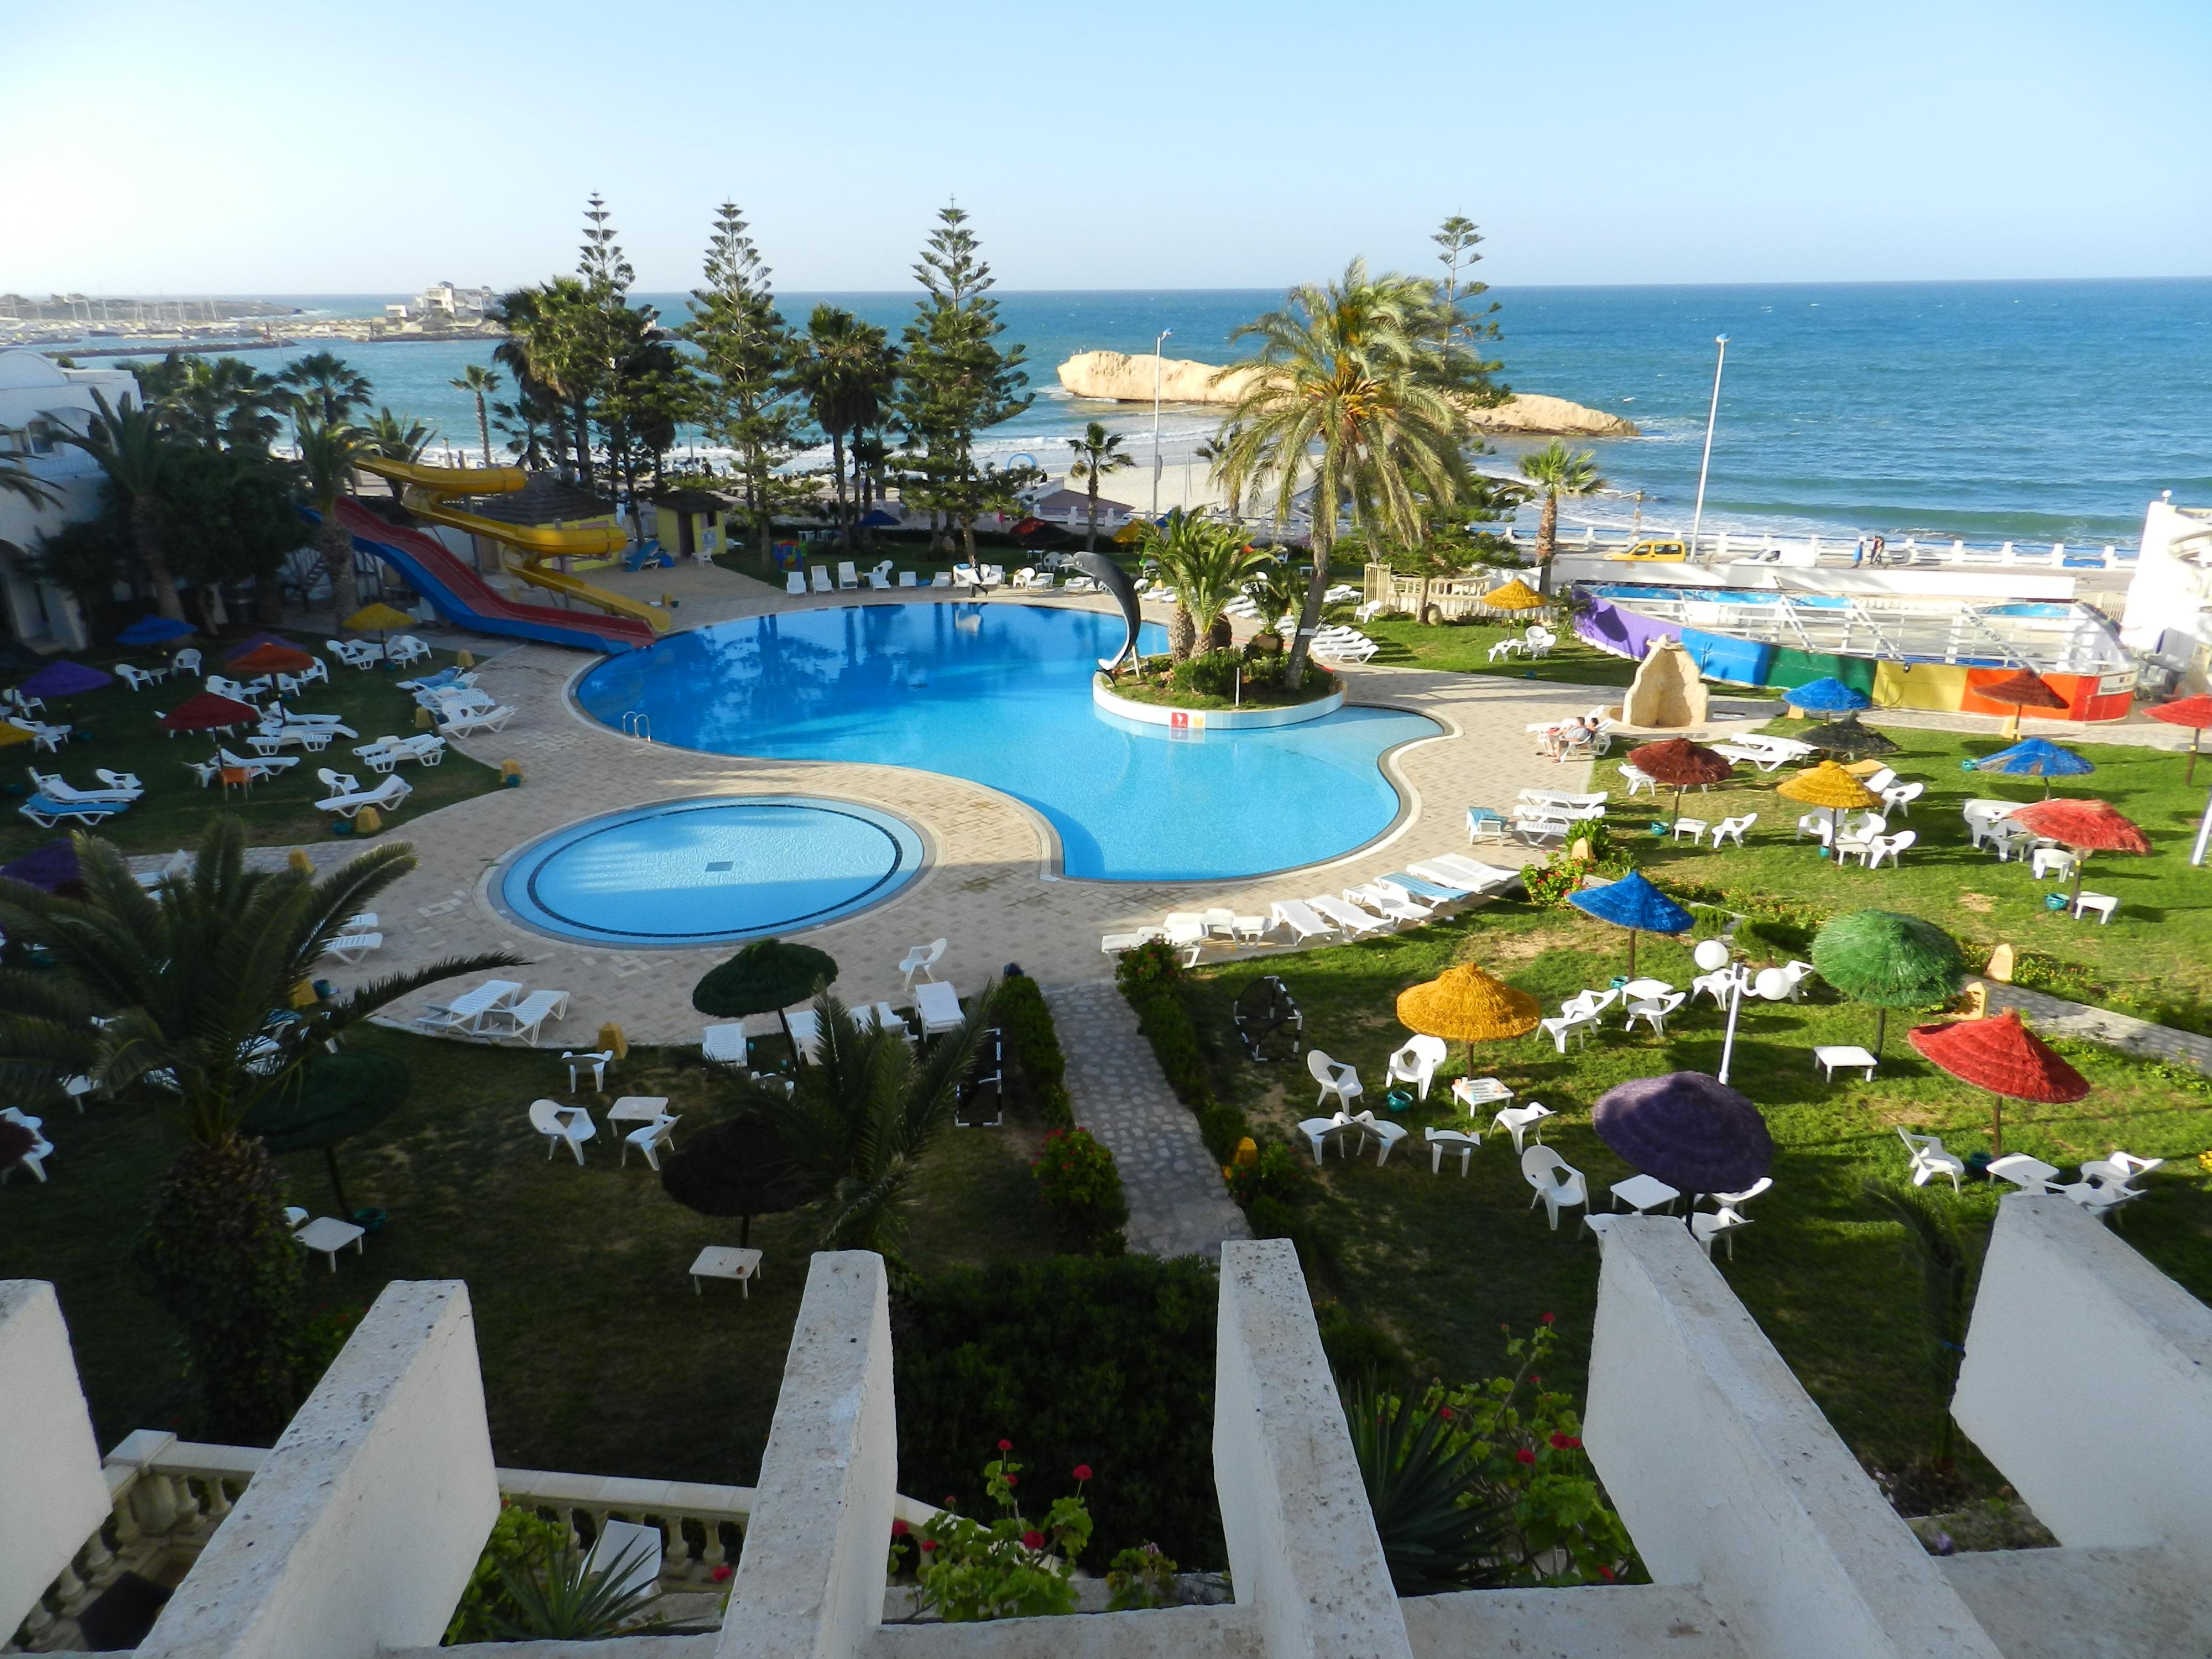 символы отель в тунисе дельфин эль хабиб фото влияет благотворно